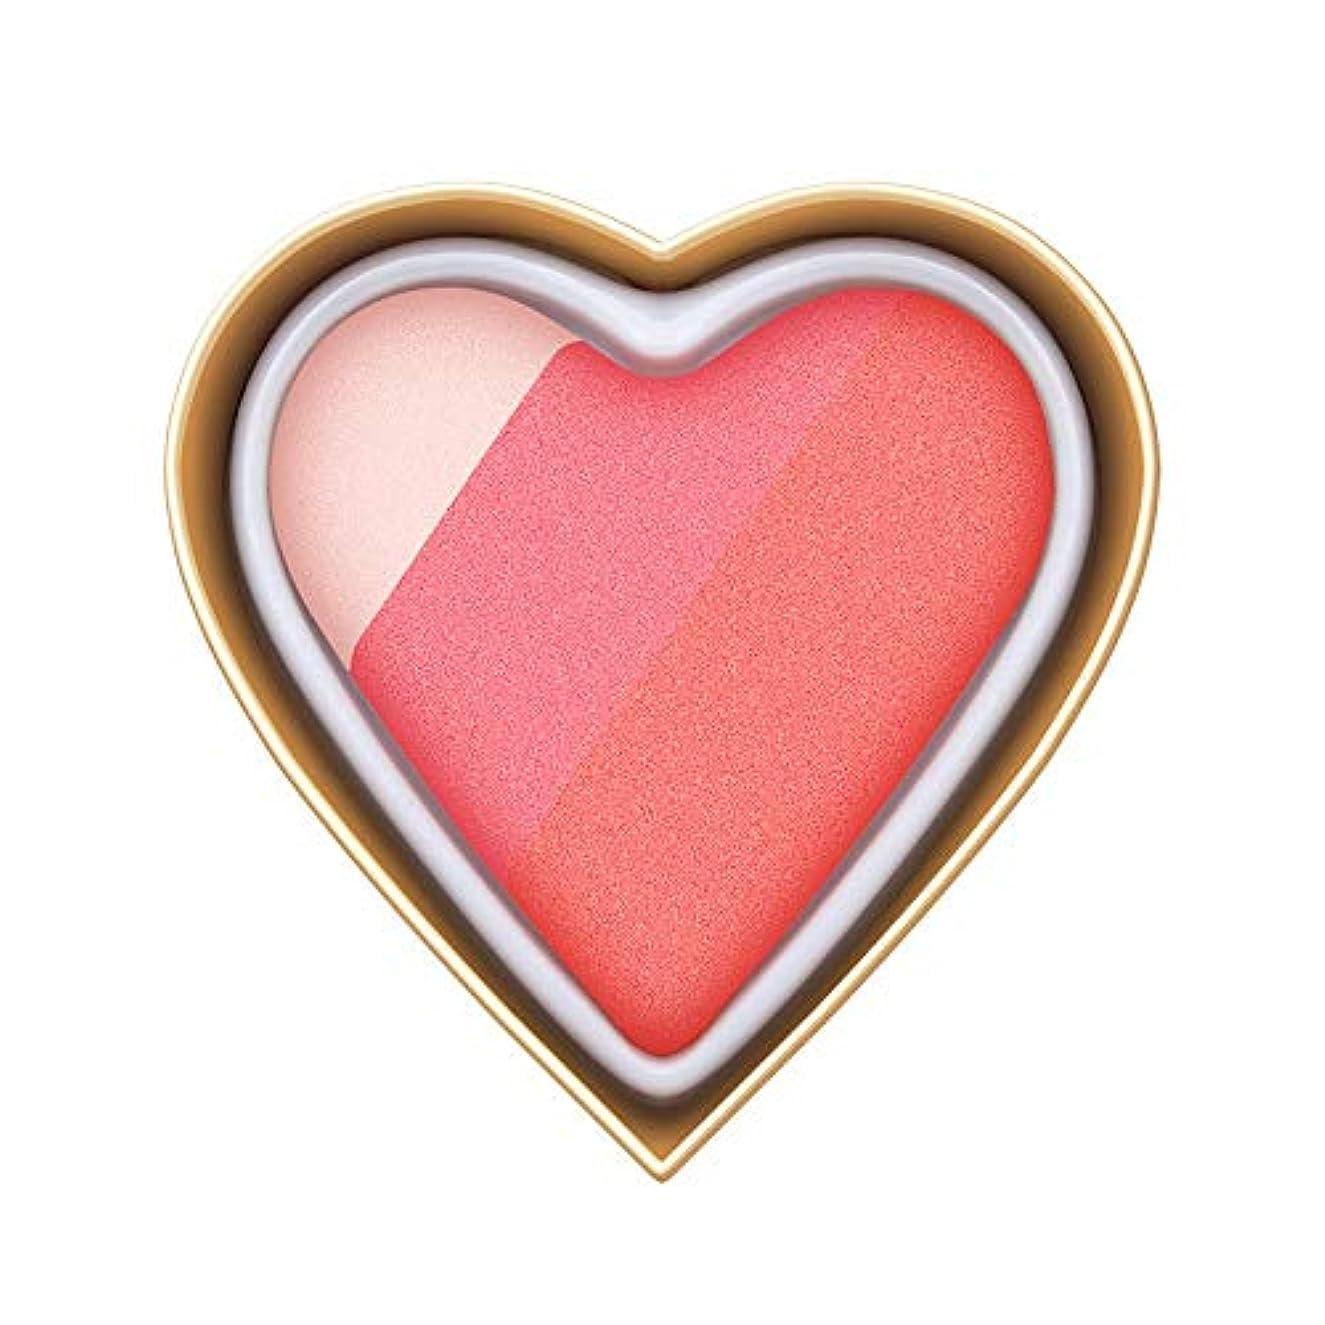 四安西インスタンスFlorrita 女性 ハート型 アイシャドー パレット 優しい色 レインボー色 愛の少女系 ハイライトパウダー アイシャドー 発色が素晴らしい アイシャドウパレット シャドー ブラッシュ 携帯便利 プレゼント (C)